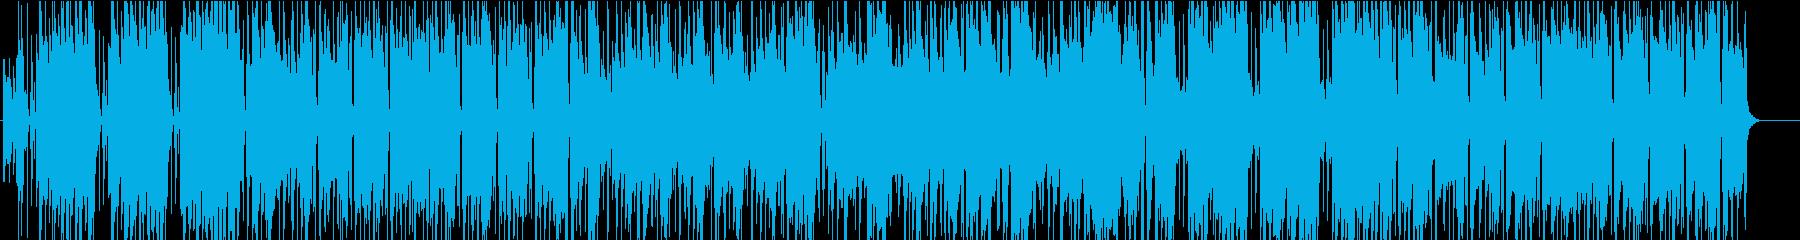 落ち着いたピアノメインのR&Bインスト曲の再生済みの波形